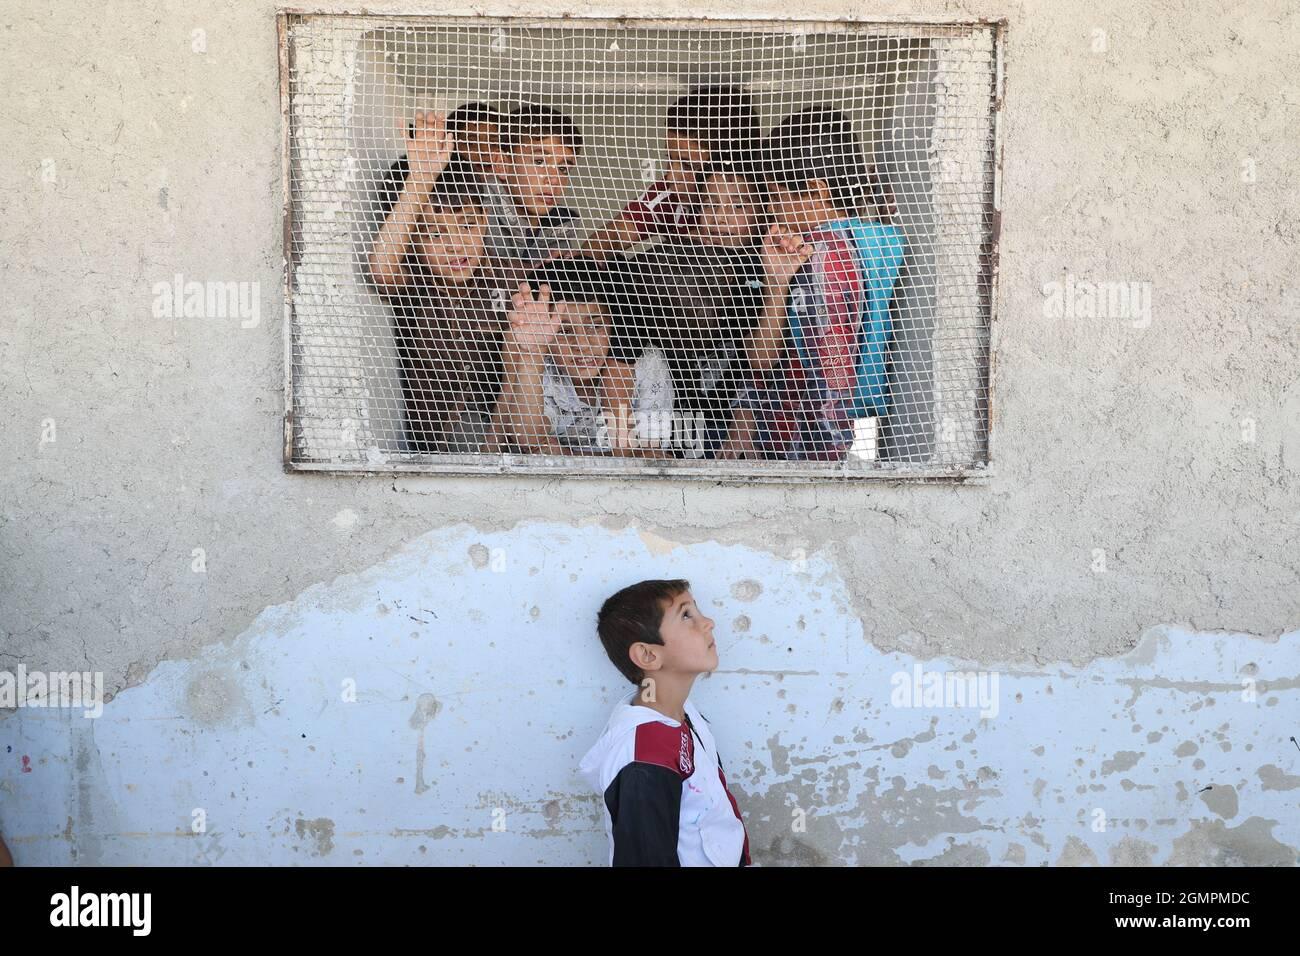 AFE, Syrie. 20 septembre 2021. Les élèves commencent le travail scolaire à l'école de ville d'AFEs au début de l'année scolaire dans le gouvernorat d'Idlib, malgré les mauvaises conditions dues à un raid aérien qui a frappé et détruit partiellement l'école en 2019. Credit: Aras Alkharboutli/dpa/Alamy Live News Banque D'Images